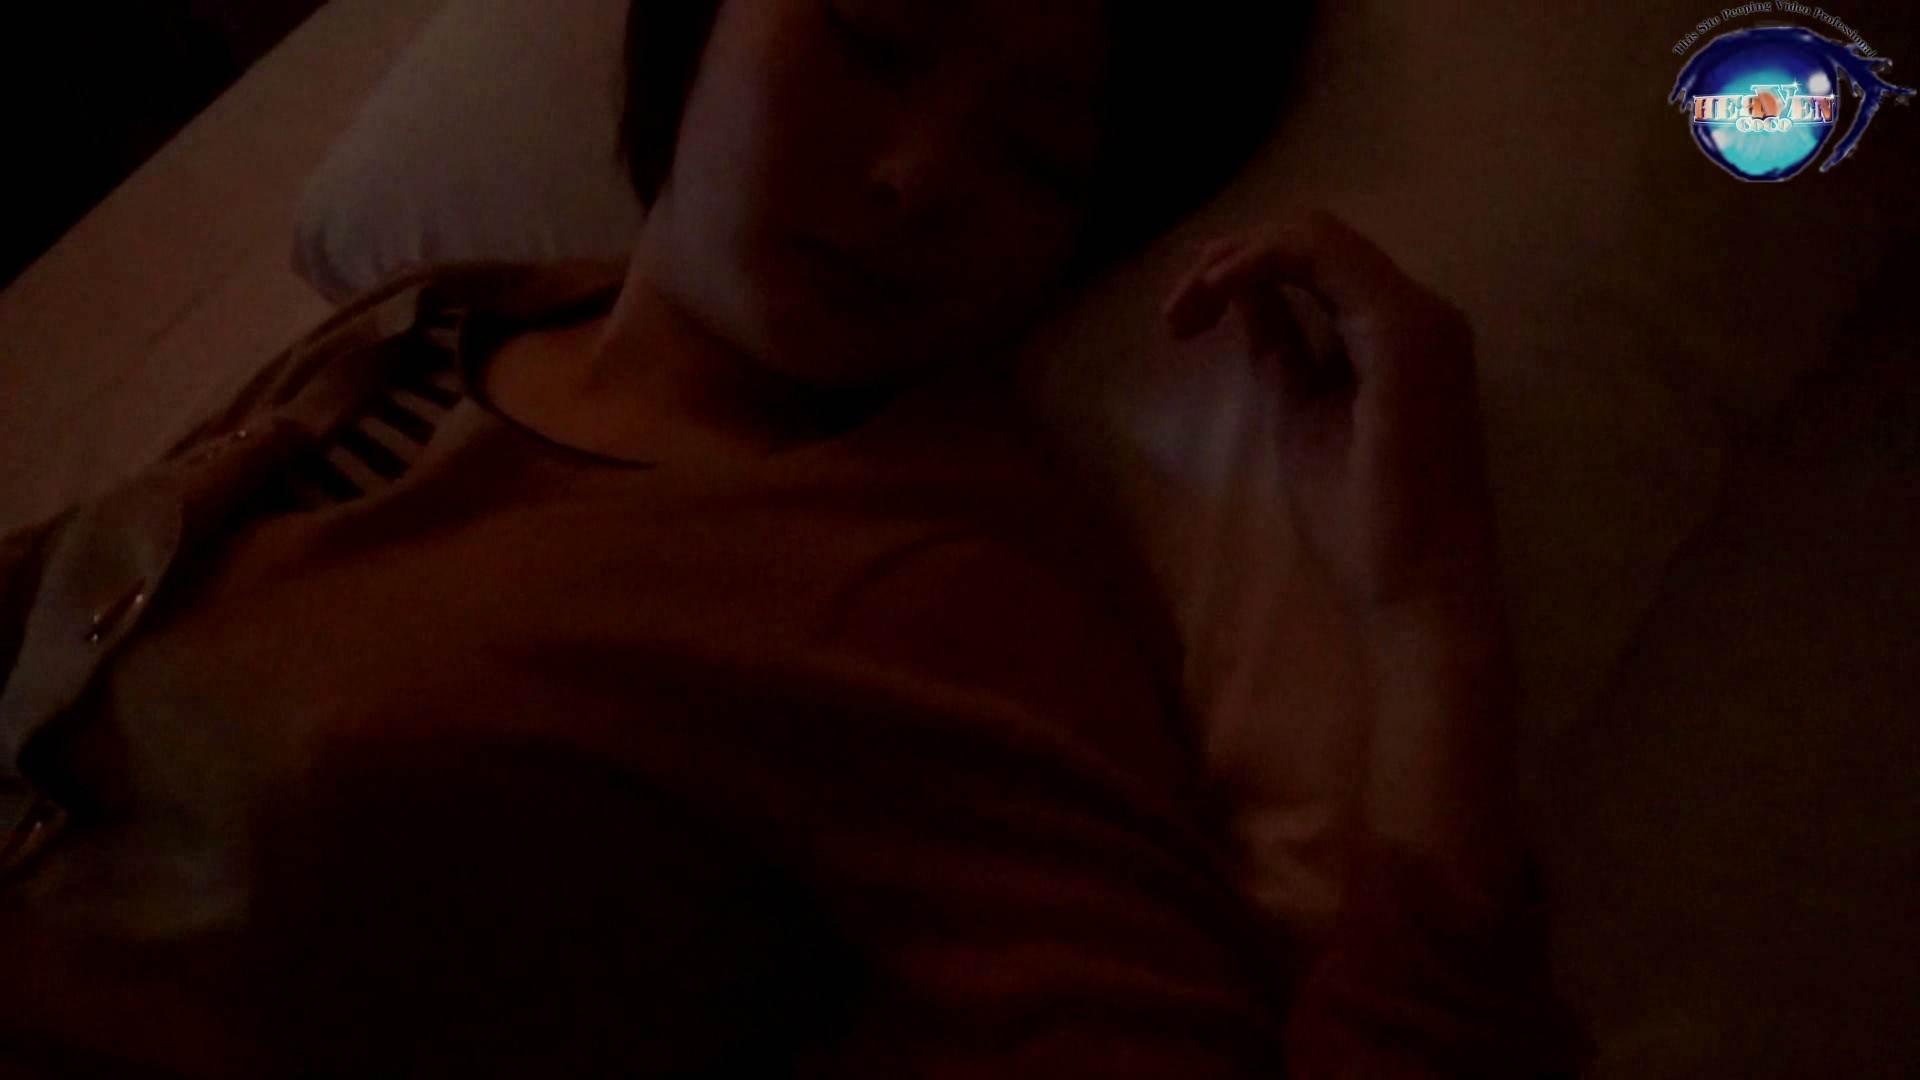 睡魔 シュウライ 第参壱話 前半 女子大生のエロ動画  94PIX 40